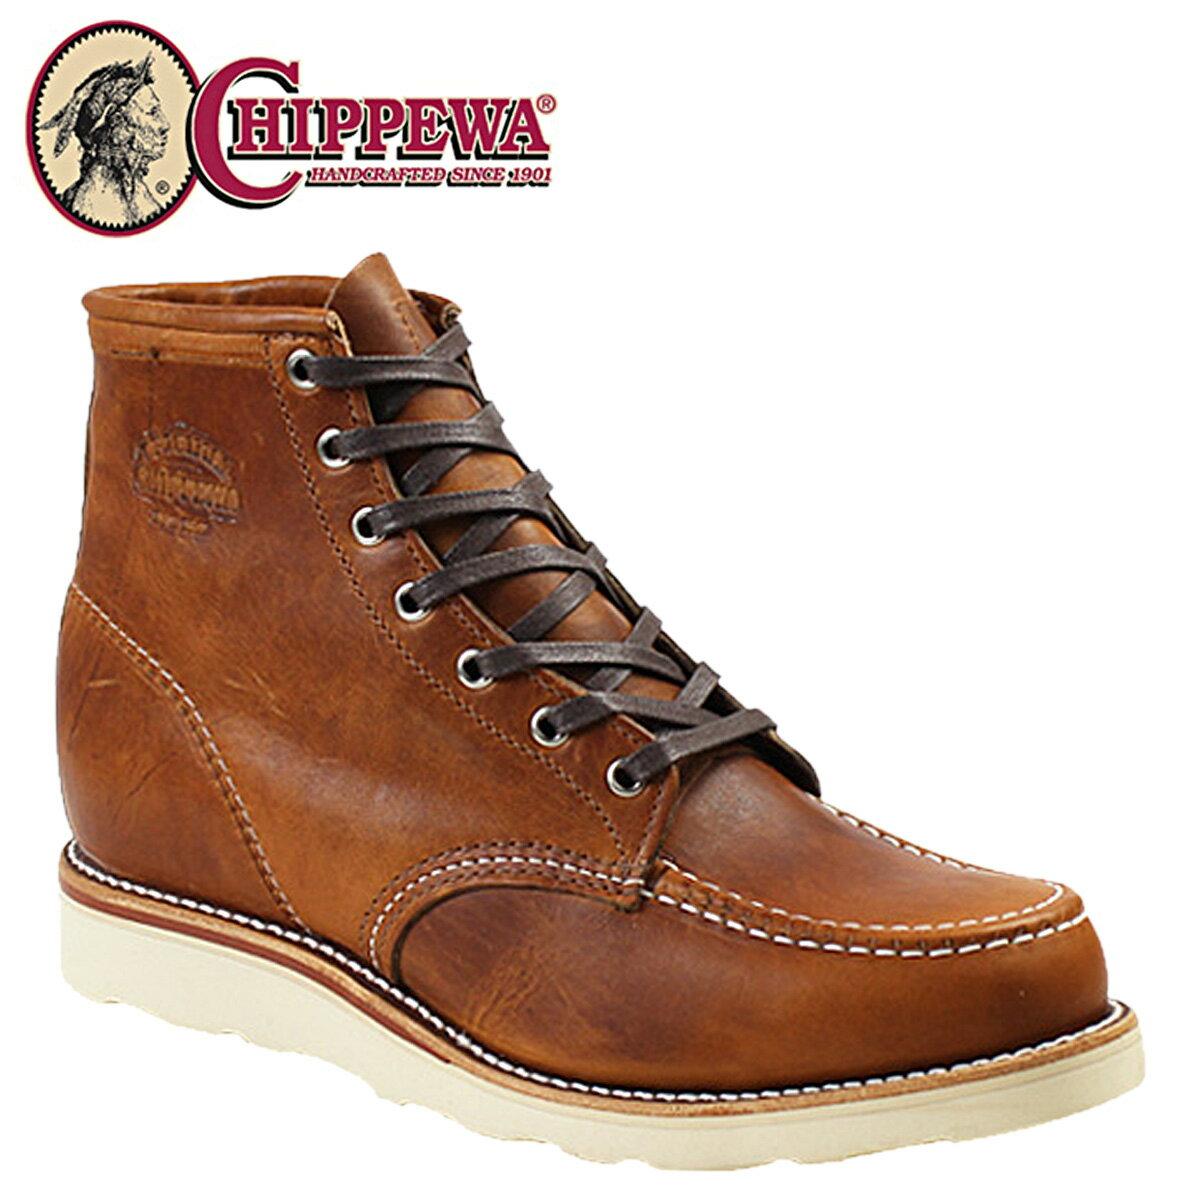 チペワ CHIPPEWA 6インチ モック トゥ ウェッジ ブーツ 6INCH TAN RENEGADE MOC TOE WEDGE Eワイズ レザー 1901M22 タン ブーツ BOOT メンズ [12/15 再入荷]